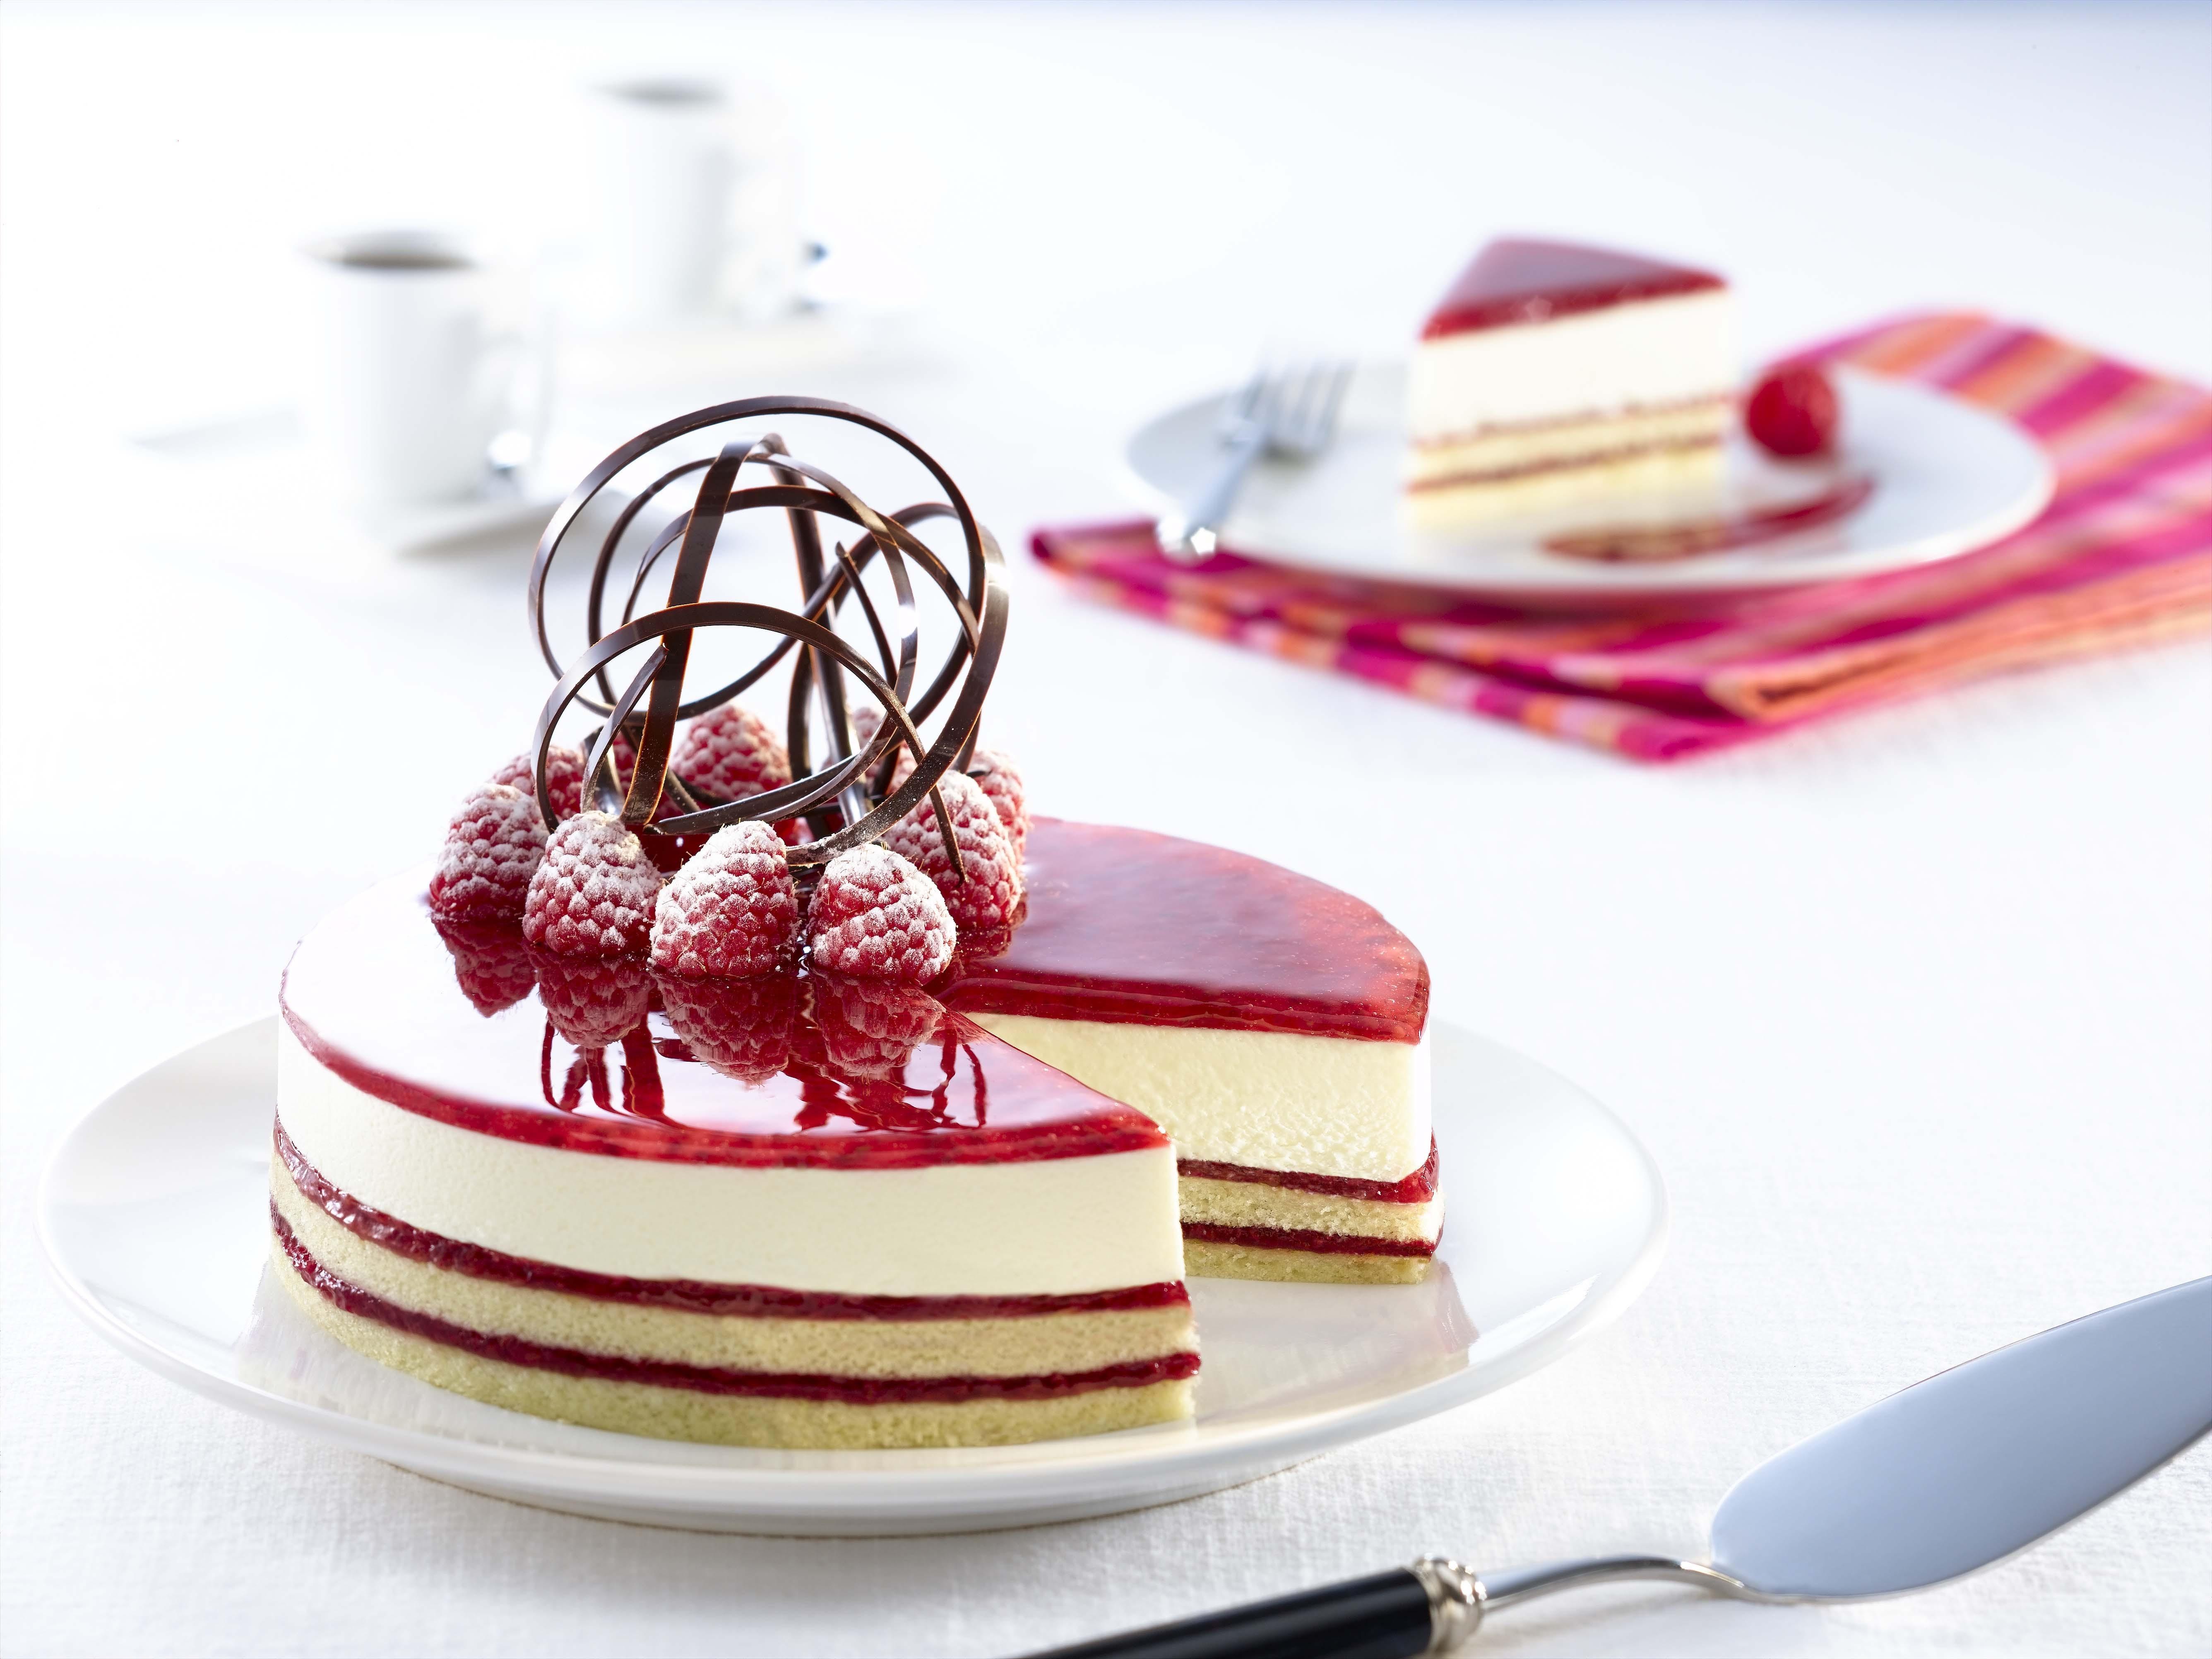 Кусок торта со свечей  № 2184027 бесплатно